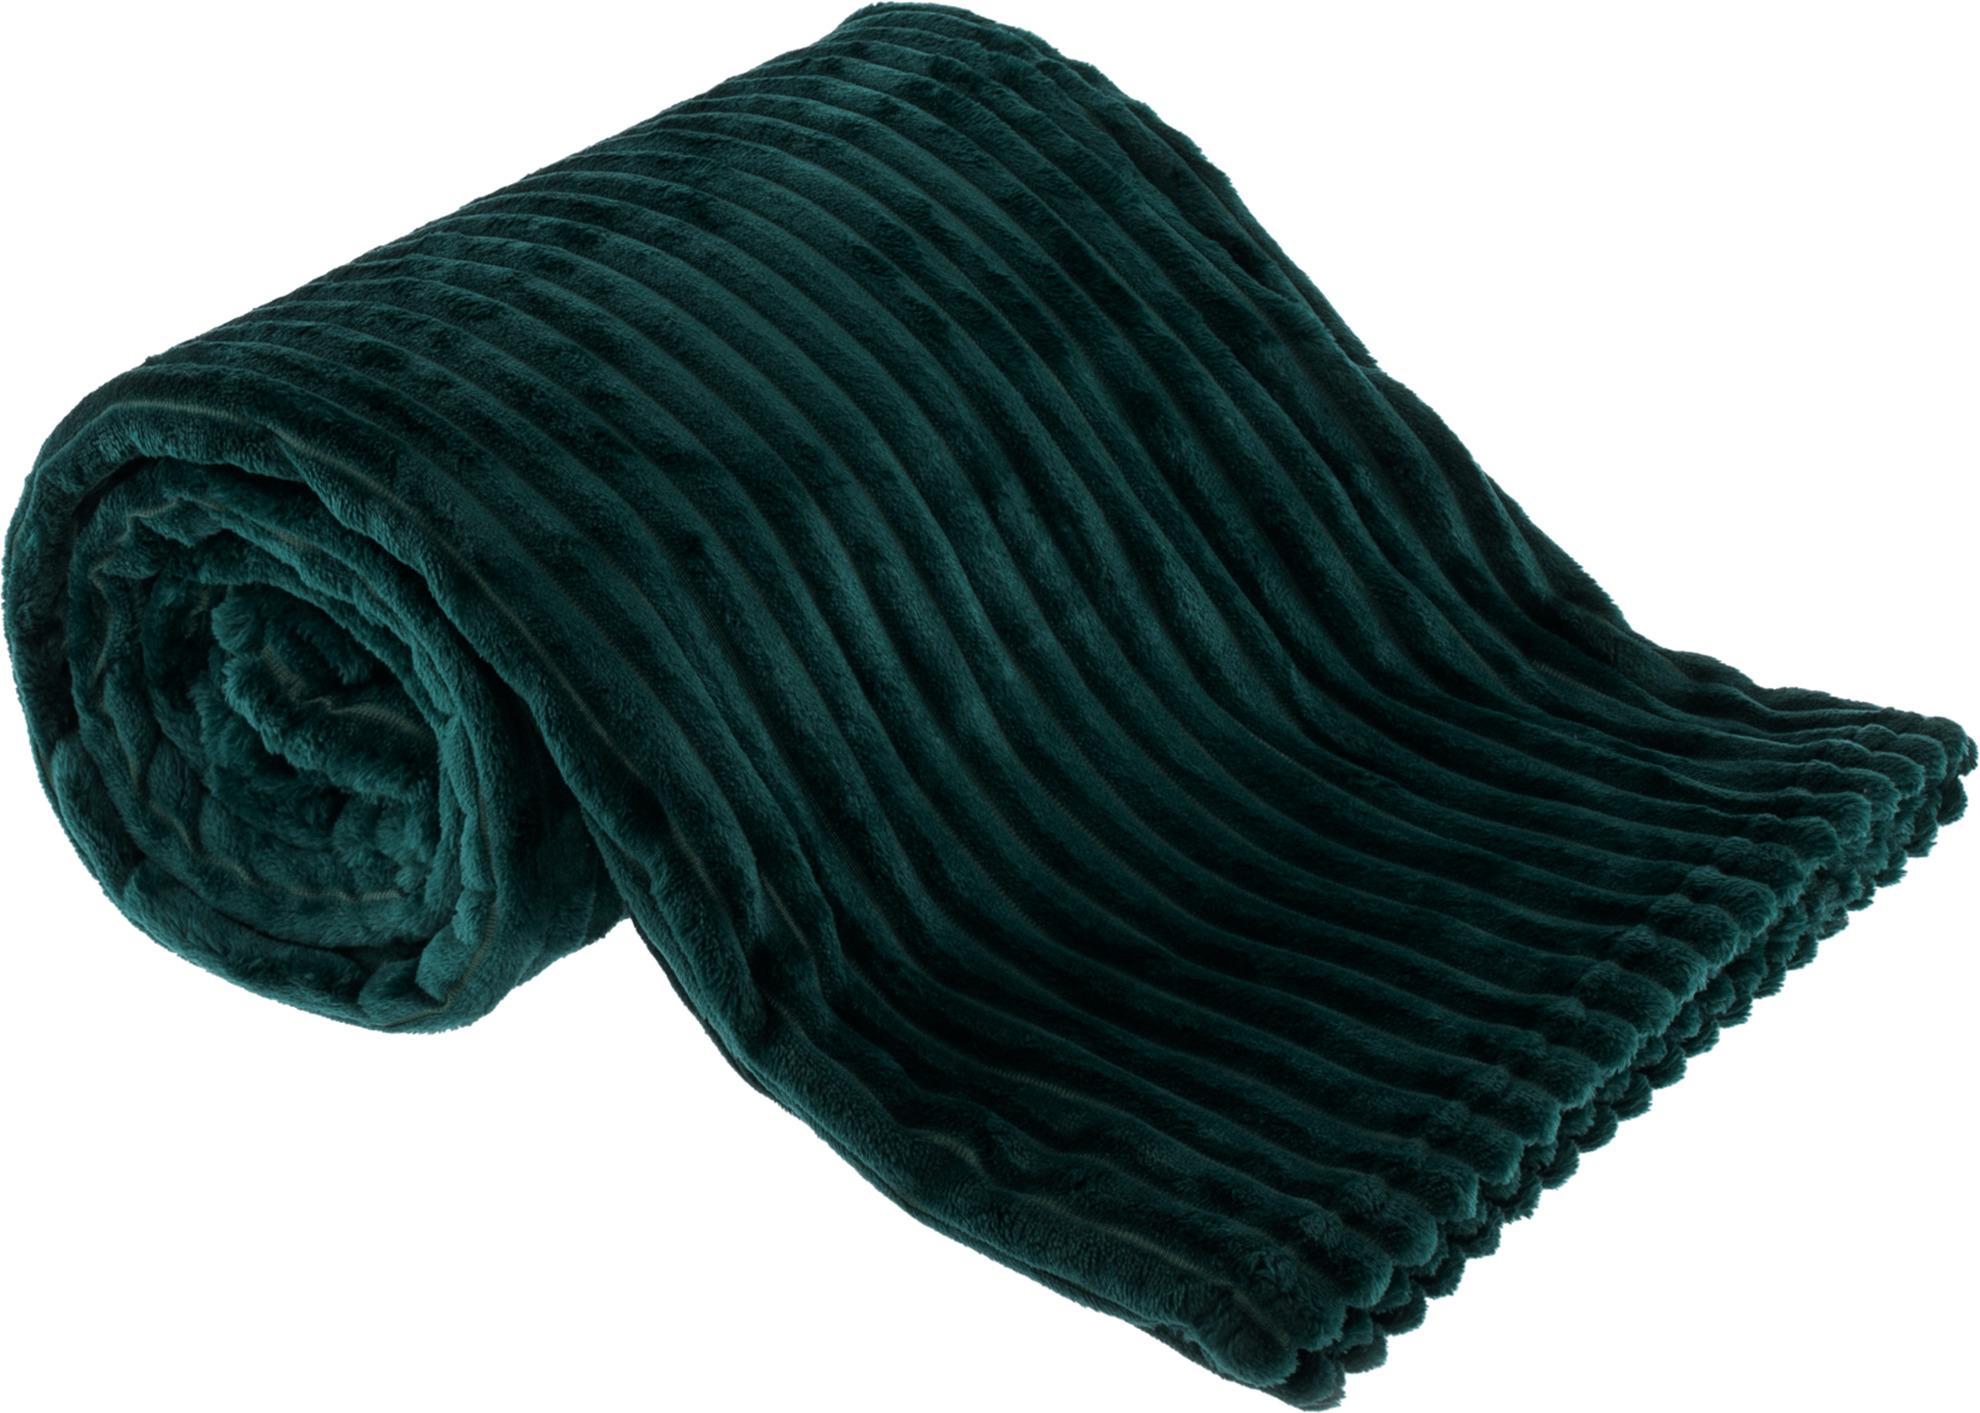 Plyšová pruhovaná deka, smaragdová, 160x200cm, TELAL